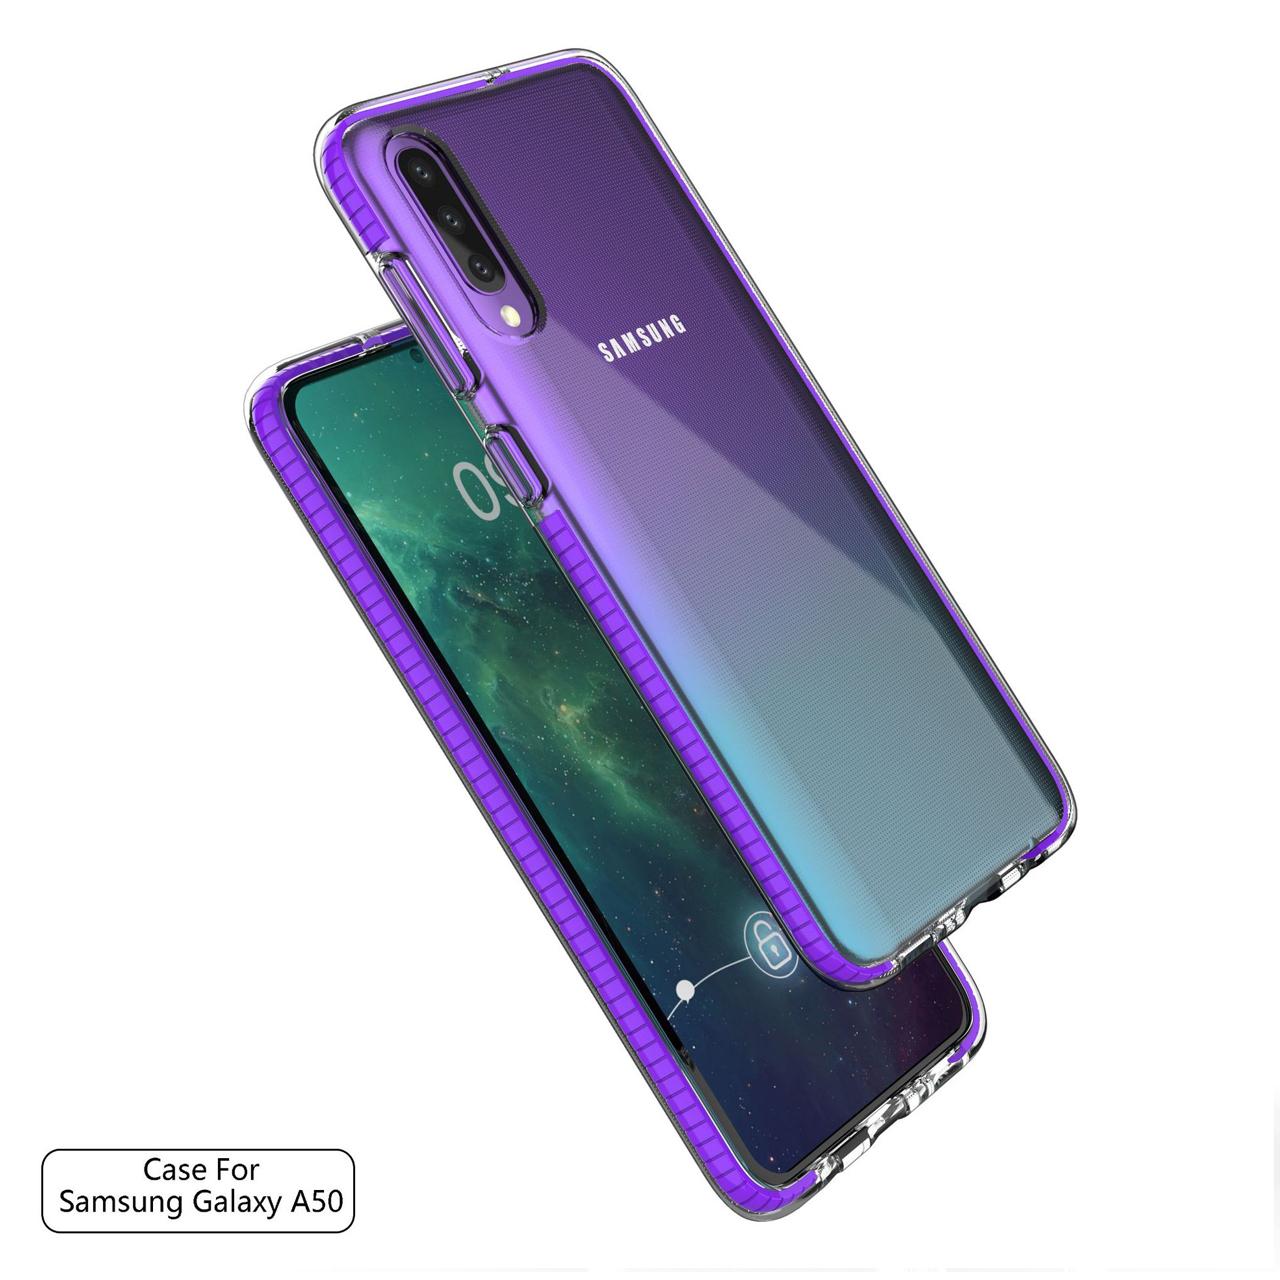 کاور رینیکا مدل 5030 مناسب برای گوشی موبایل سامسونگ Galaxy A50s/A30s/A50